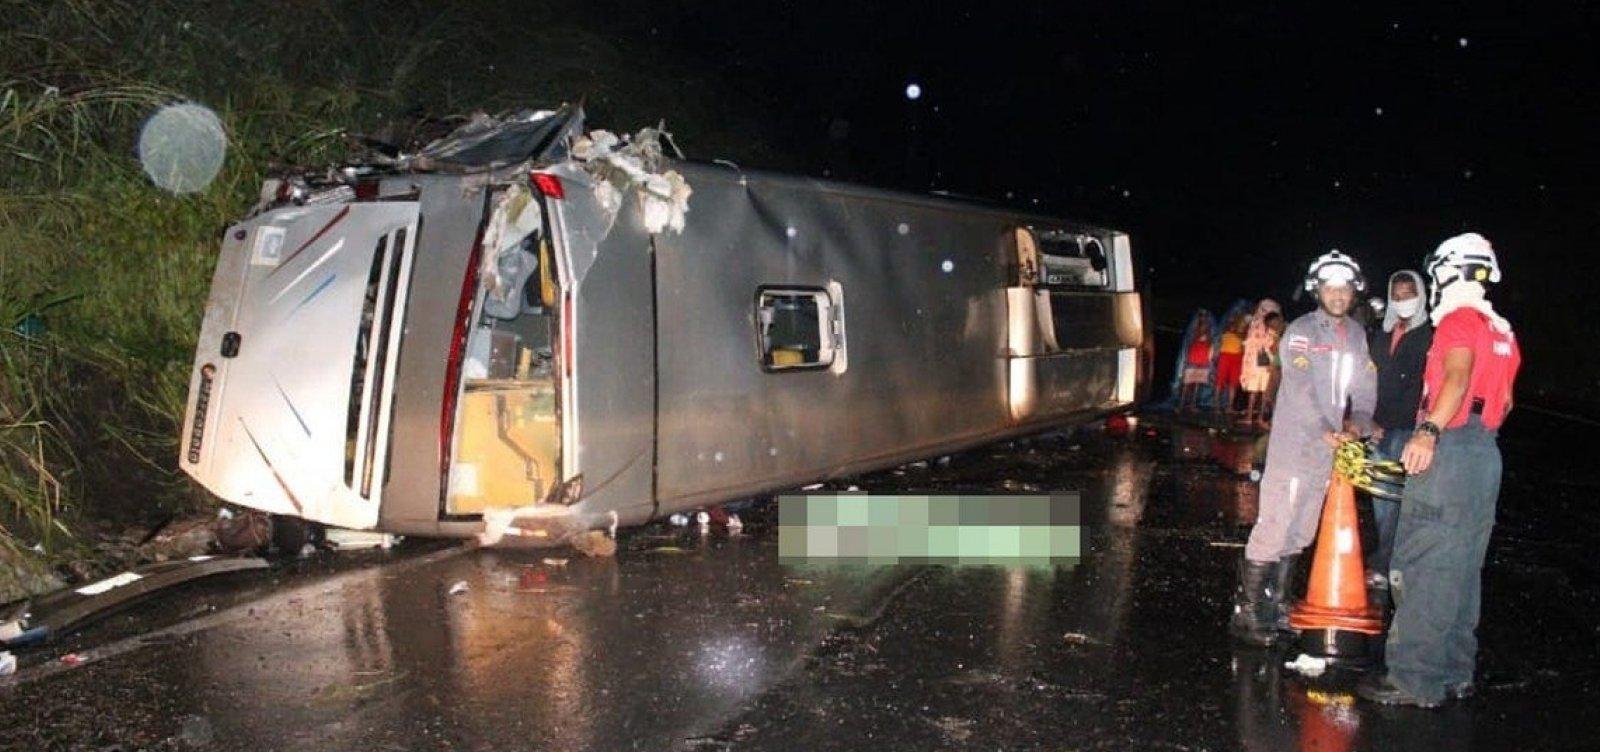 Ônibus capota na BR 020, no oeste da Bahia, e deixa um morto e 23 feridos